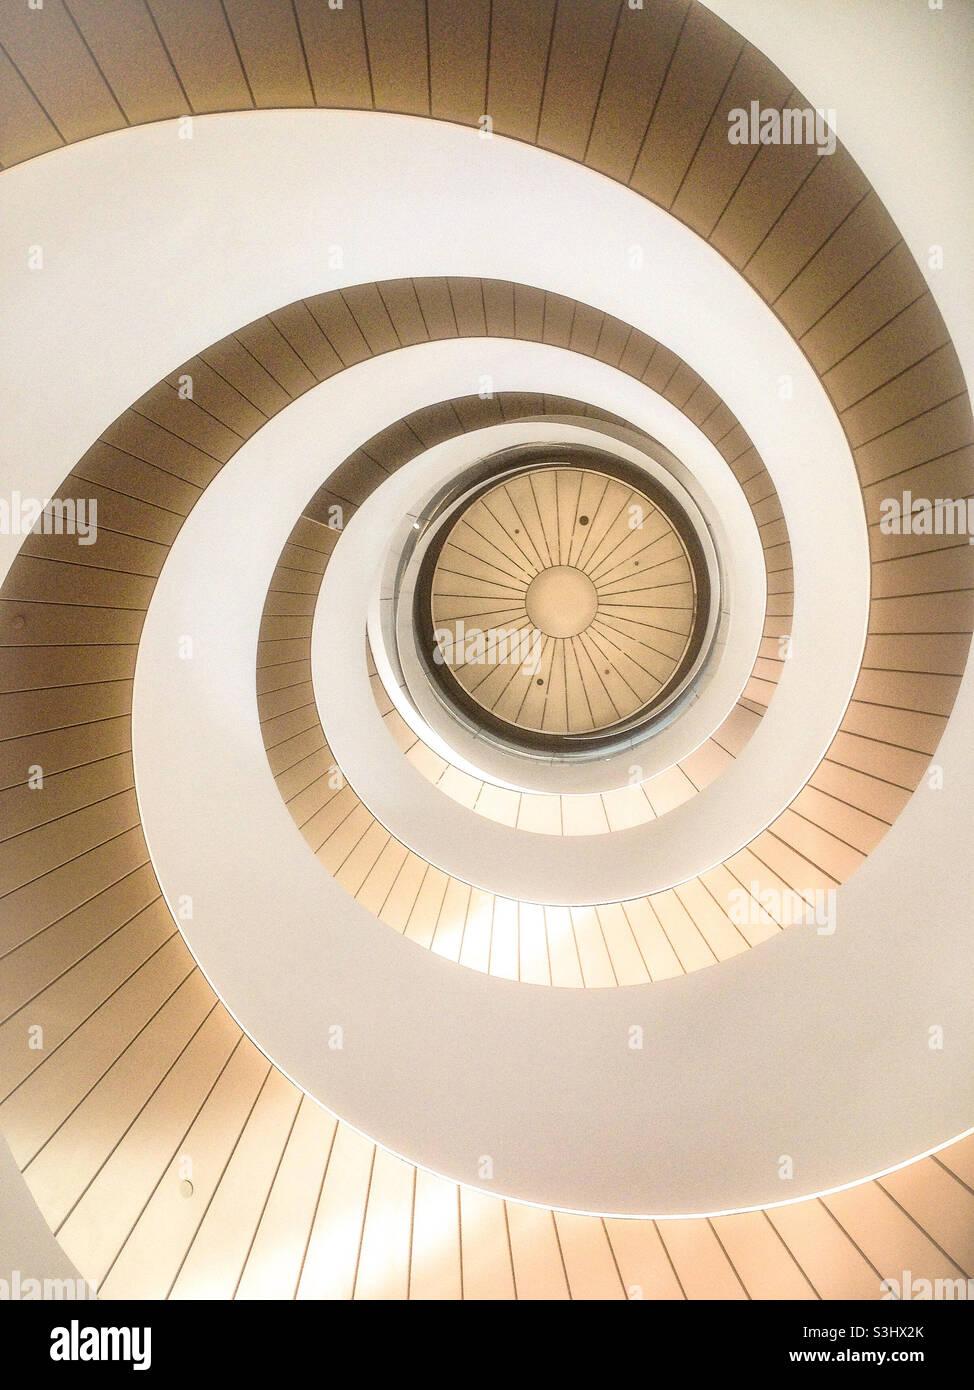 L'escalier en double hélice de l'Université de technologie de Sydney Australie devient abstrait Banque D'Images